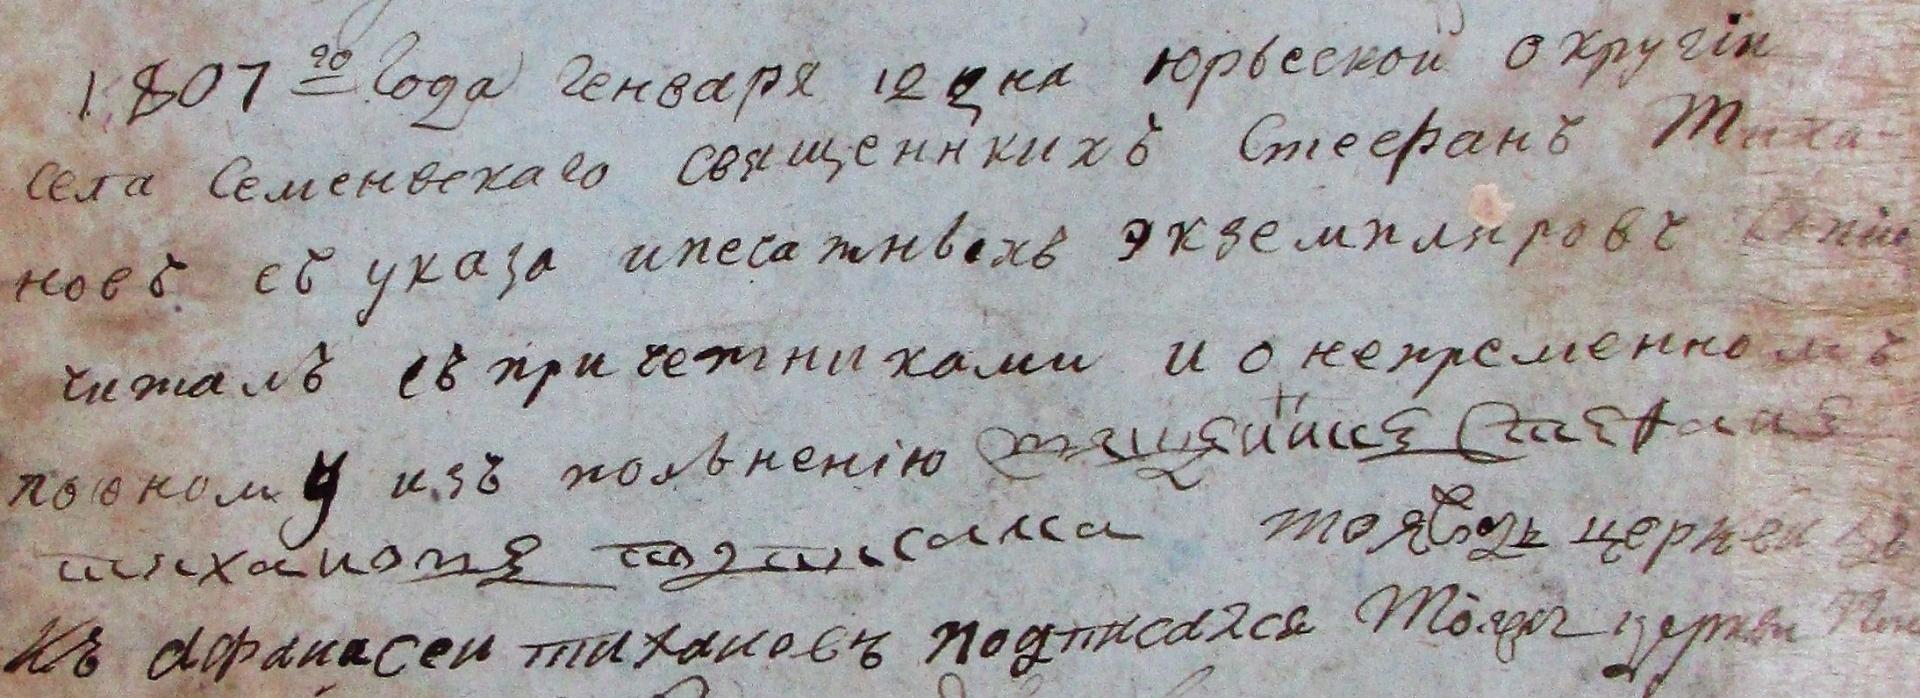 Автограф предков поэта в документе 1807 года